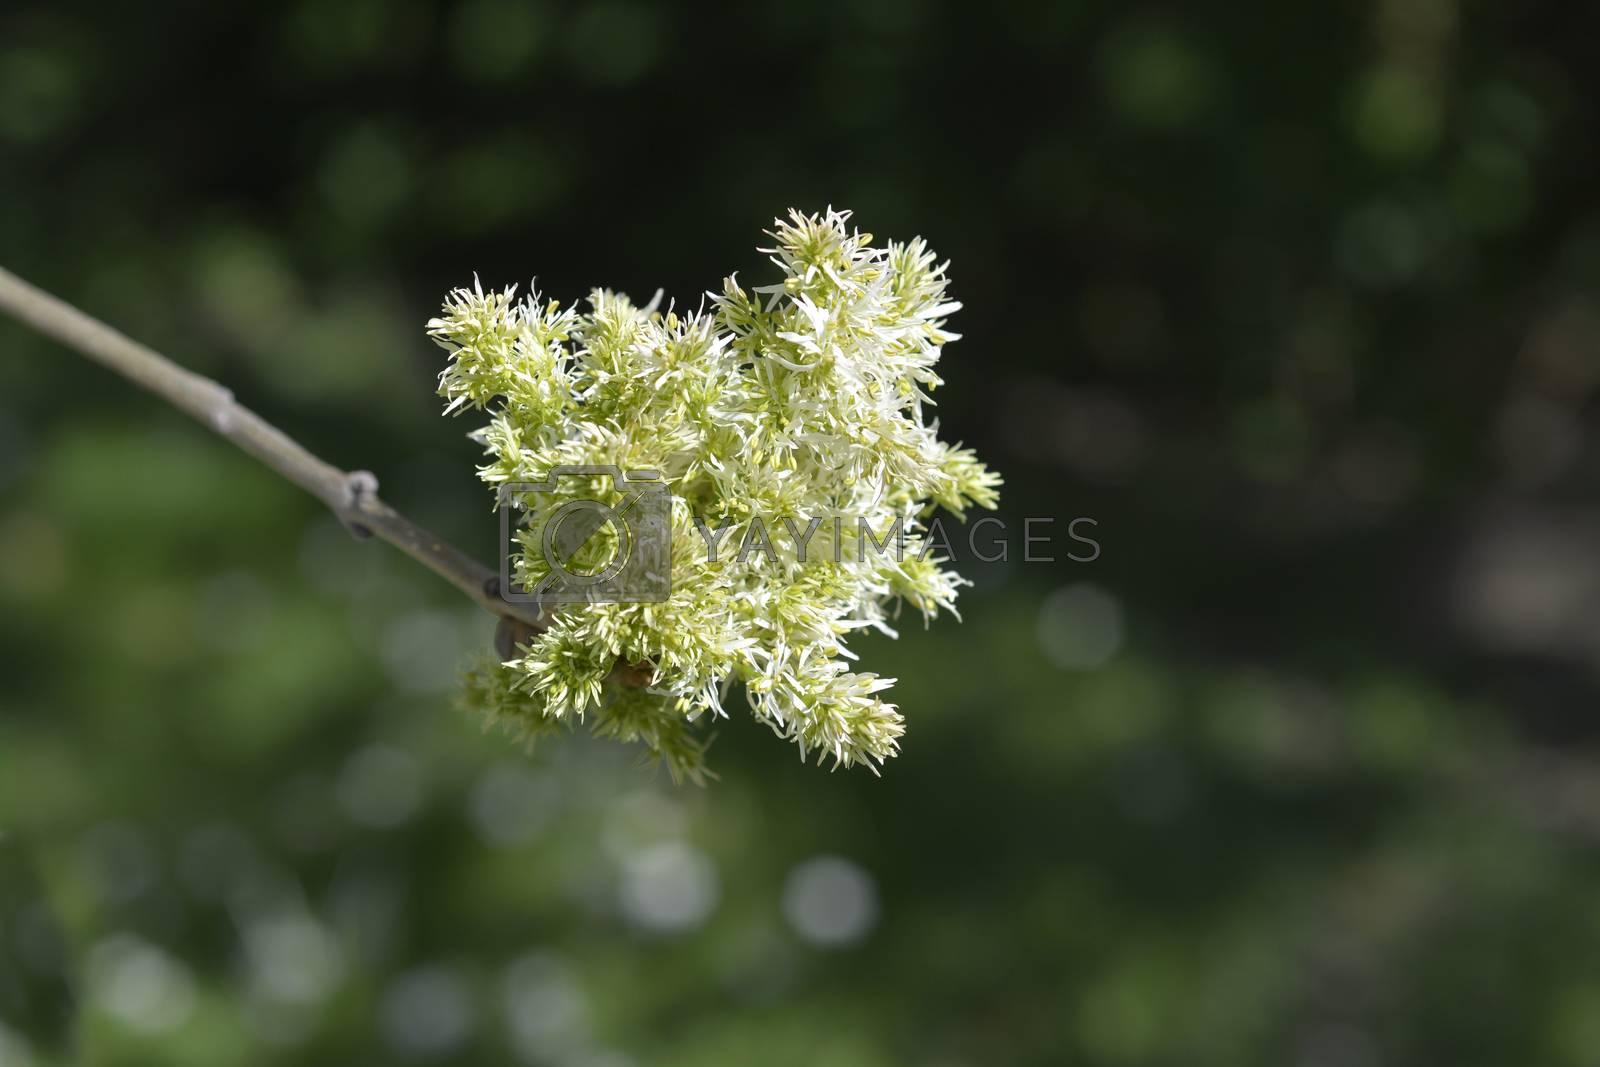 Flowering ash - Latin name - Fraxinus ornus